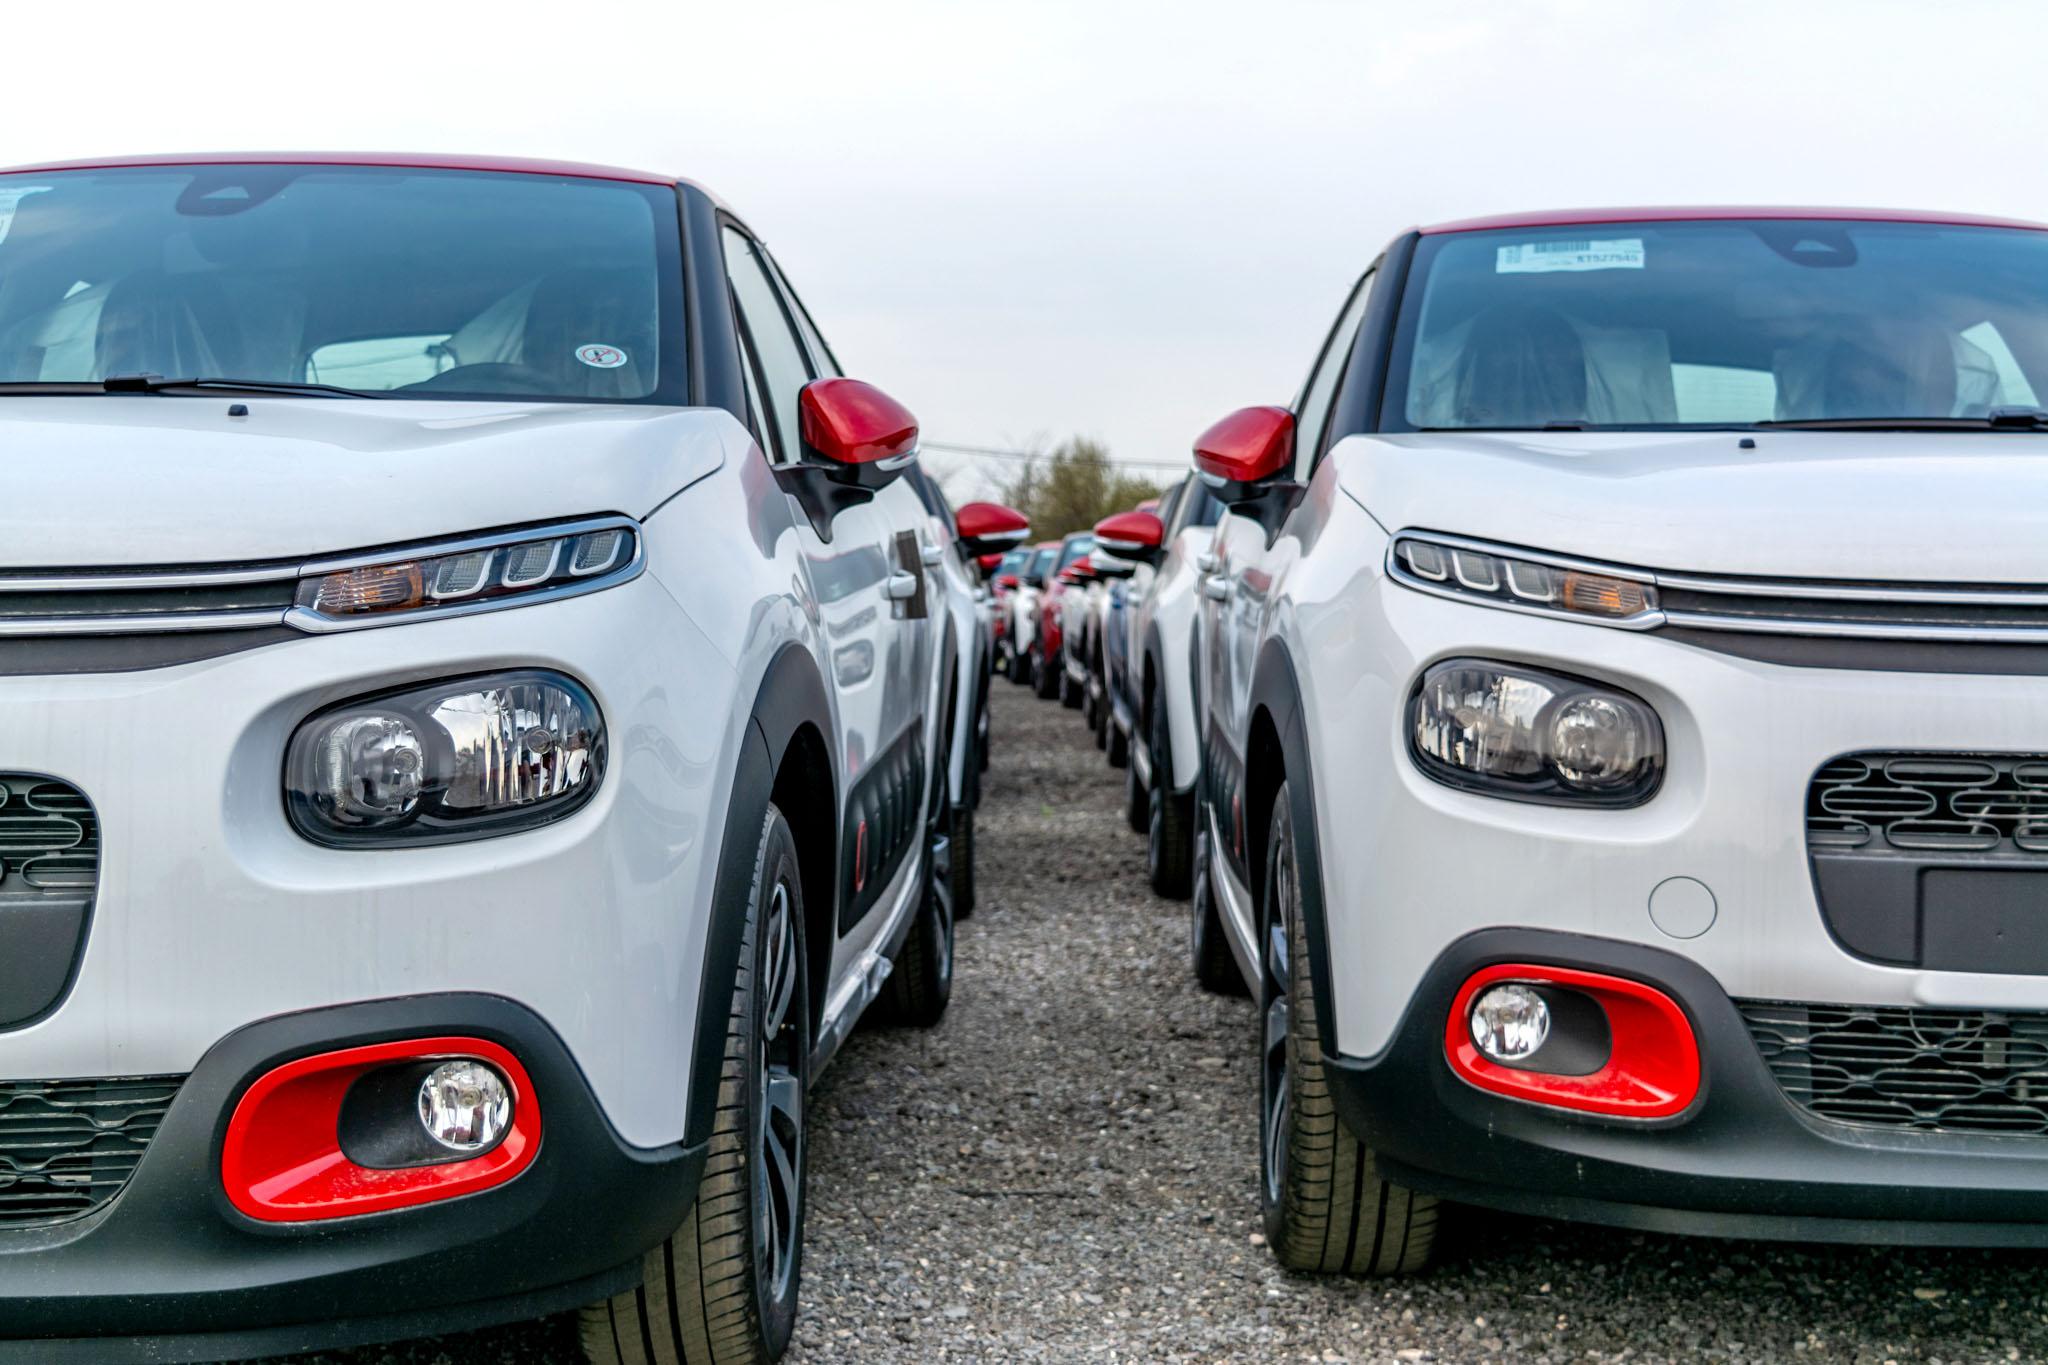 Trust Motors livrează 600 de mașini Peugeot și Citroën către Klass Wagen